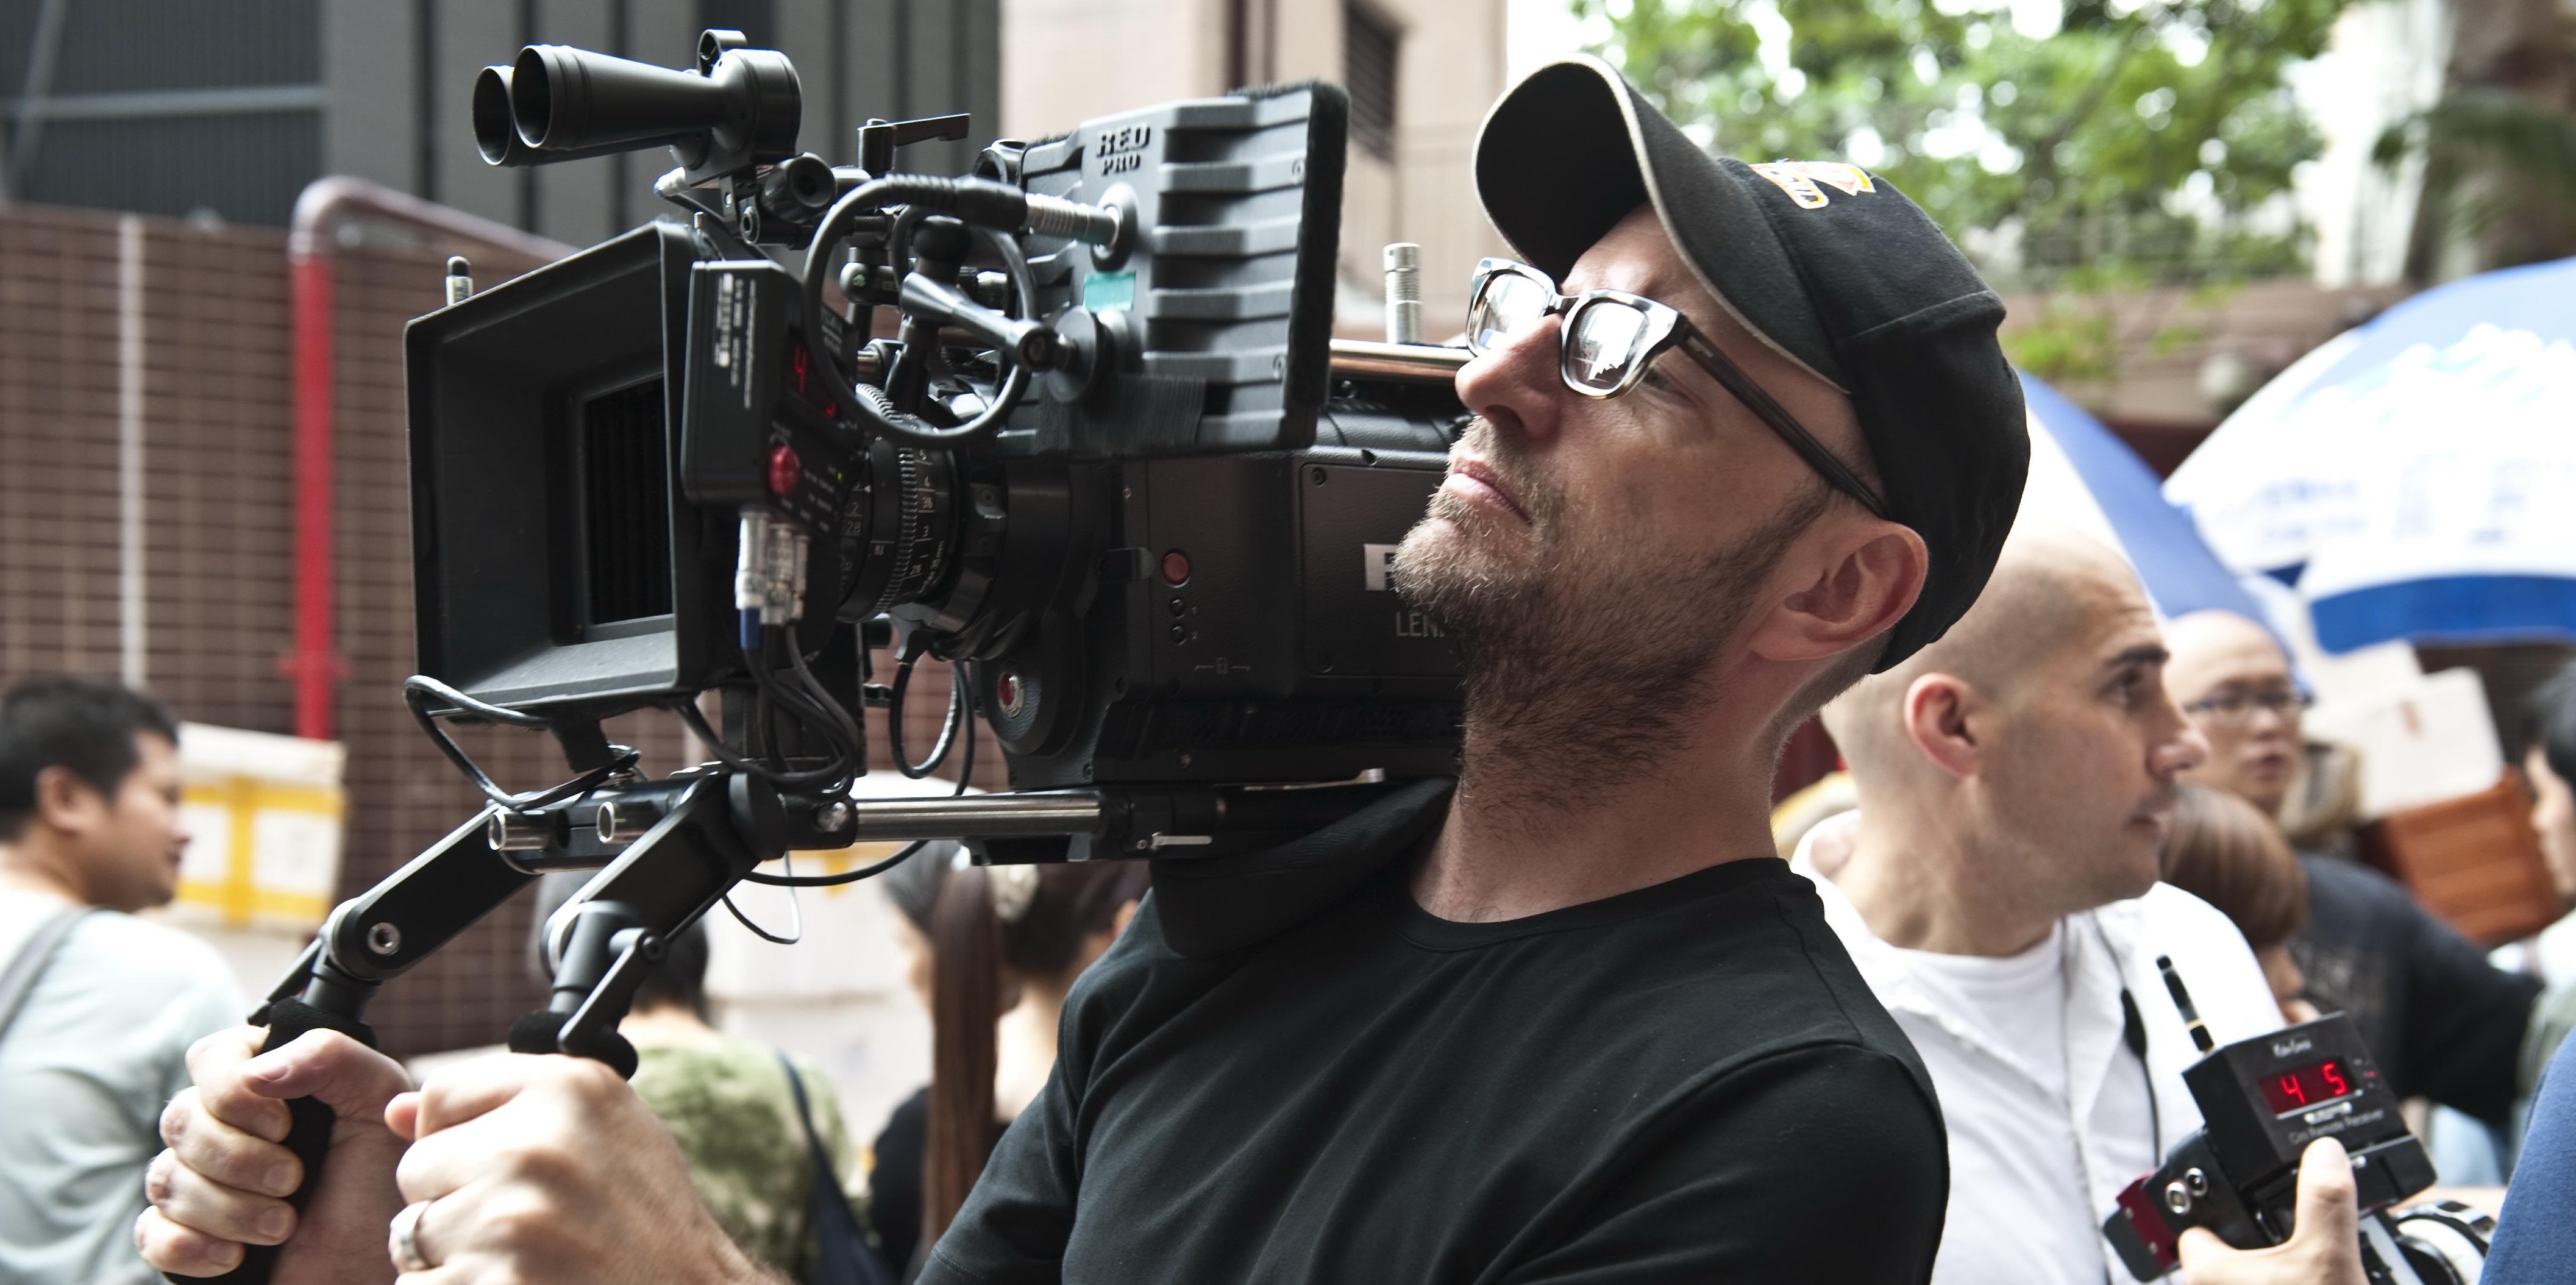 S. Soderbergh nakrúti pre Netflix drámu o škandále panamských dokumentov